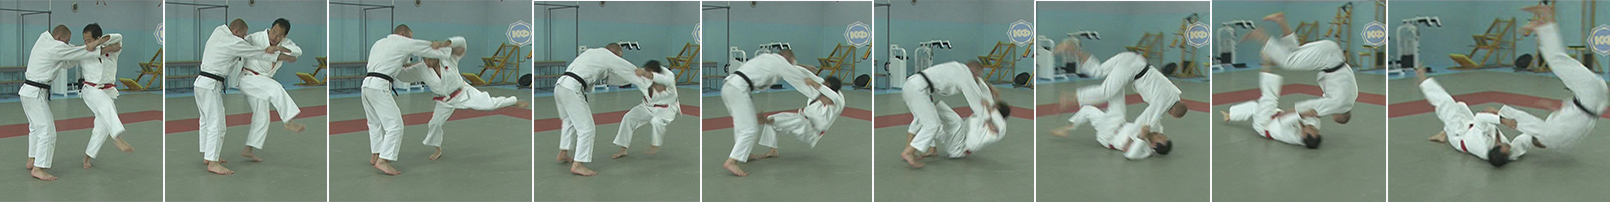 Обманное движение подхватом изнутри (uchi-mata). Бросок через голову (tomoe-nage).